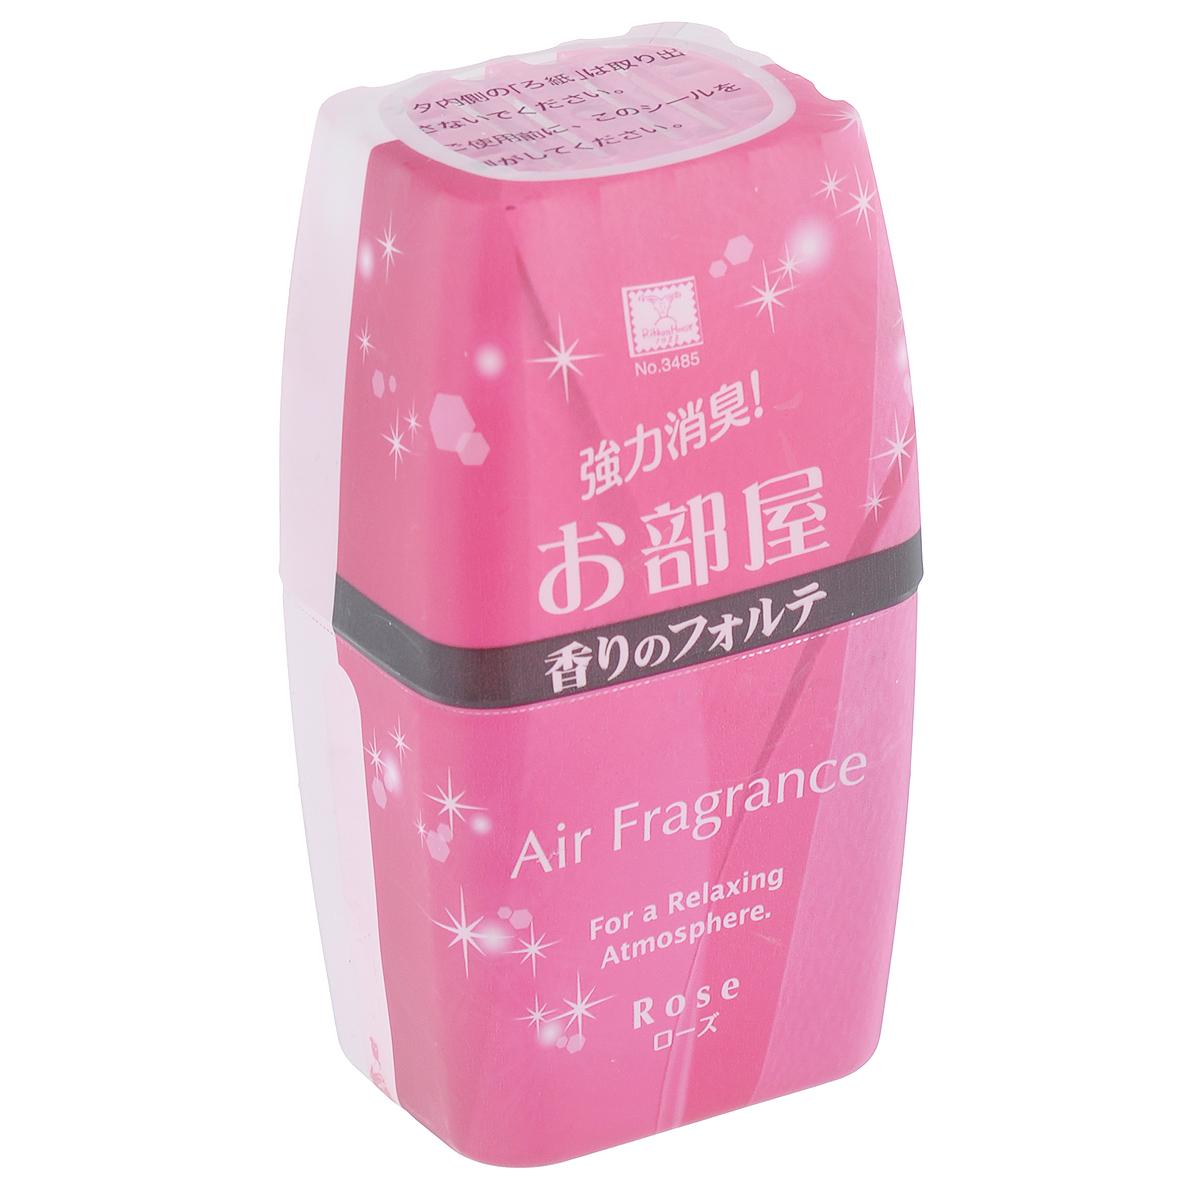 Фильтр посторонних запахов в комнате KOKUBO Air Fragrance, с ароматом розы, 200 мл234851Фильтр посторонних запахов KOKUBO Air Fragrance с ароматом розы предназначен для устранения неприятного запаха в комнате. Дезодорирующие компоненты фильтра посторонних запахов легко и быстро распространяются по всему пространству помещения, активизируются при наличии в воздухе неприятных запахов, обволакивают и нейтрализуют их. Имеет универсальный дизайн, подходящий для любой комнаты. Безопасен в применении. Состав: дезодорант на жидкой основе, ПАВ (нейтрализаторы запаха), отдушка высокого качества, ПАВ (неионогенные < 5%, анионные < 2%).